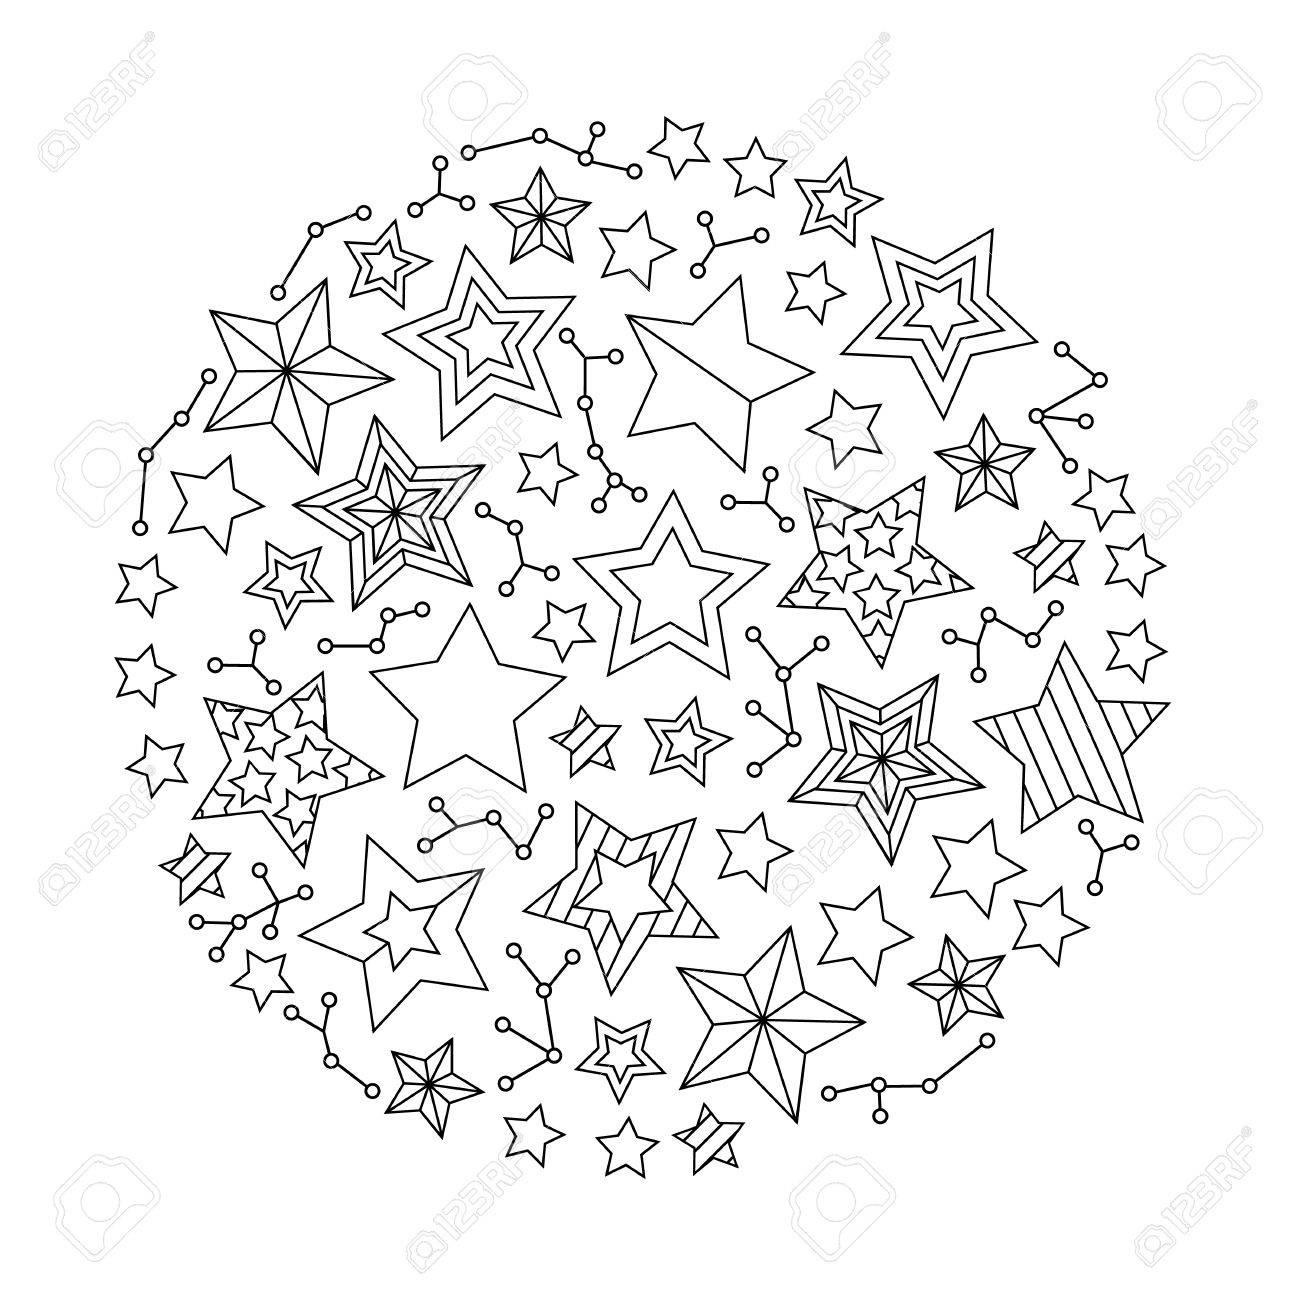 Mandala Rond Graphique Avec Des Étoiles. Style Inspiré. Livre De Coloriage  Pour Adultes Et Enfants Plus Âgés. Art Vector Illustration avec Coloriage Graphique